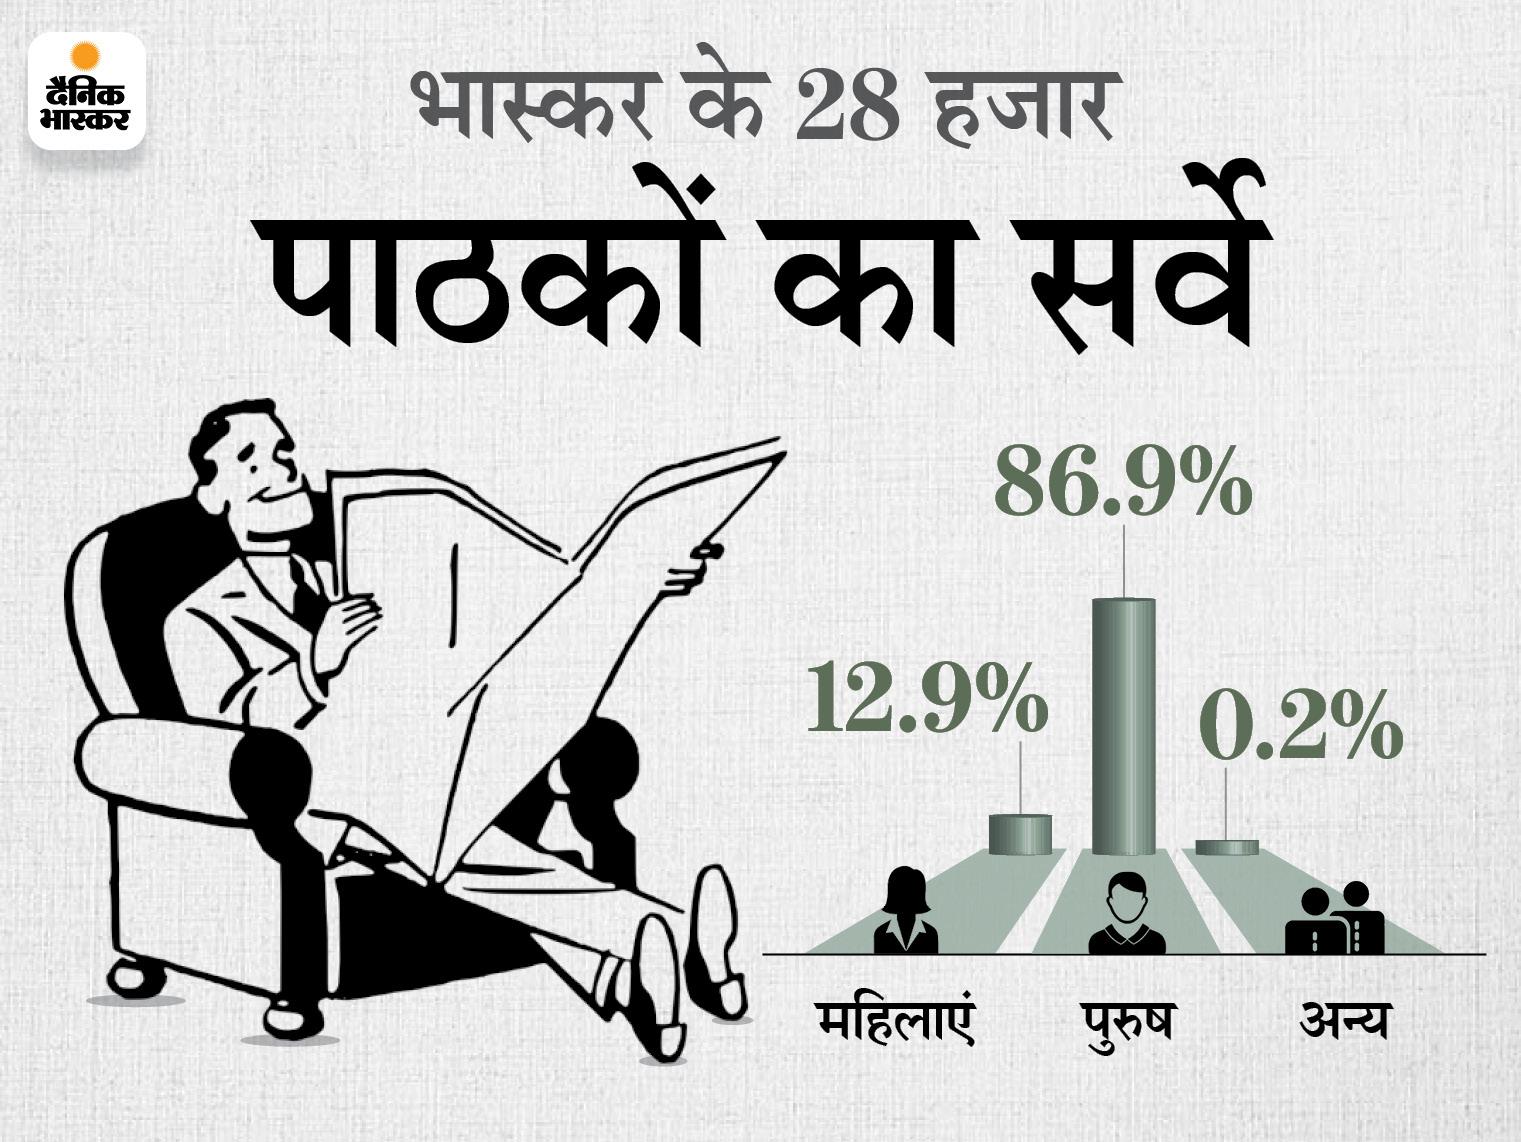 45 प्रतिशत लोग बोले- अब तो खुलने चाहिए स्कूल, 27 प्रतिशत ने कहा- पहले वैक्सीन फिर स्कूल; ज्यादातर पहली से बारहवीं तक स्कूल खोलने के पक्ष में राजस्थान,Rajasthan - Dainik Bhaskar